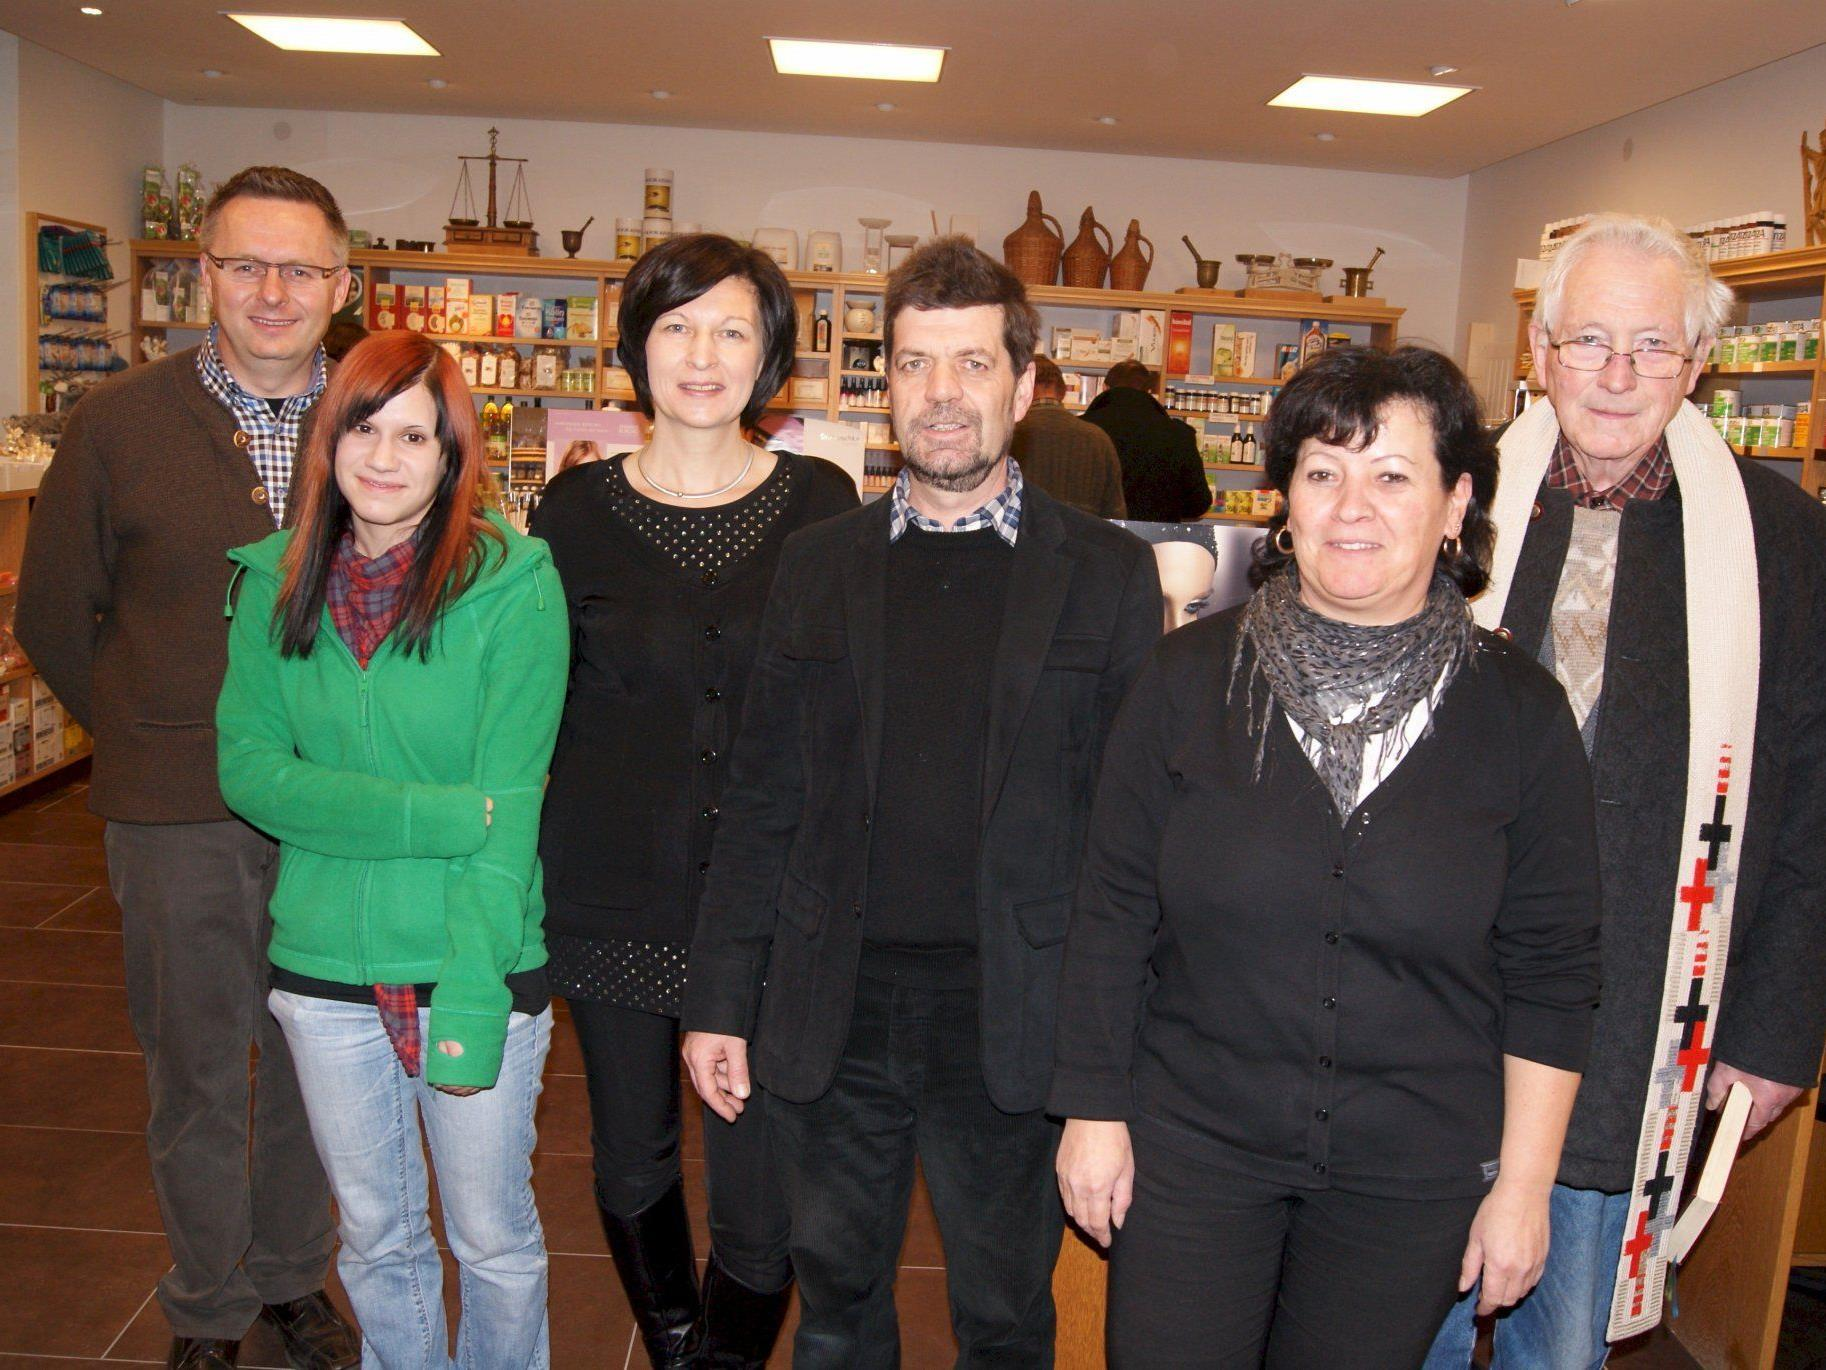 Monika und Dieter Lang freuen sich über die Eröffnung ihres neuen Geschäfts.